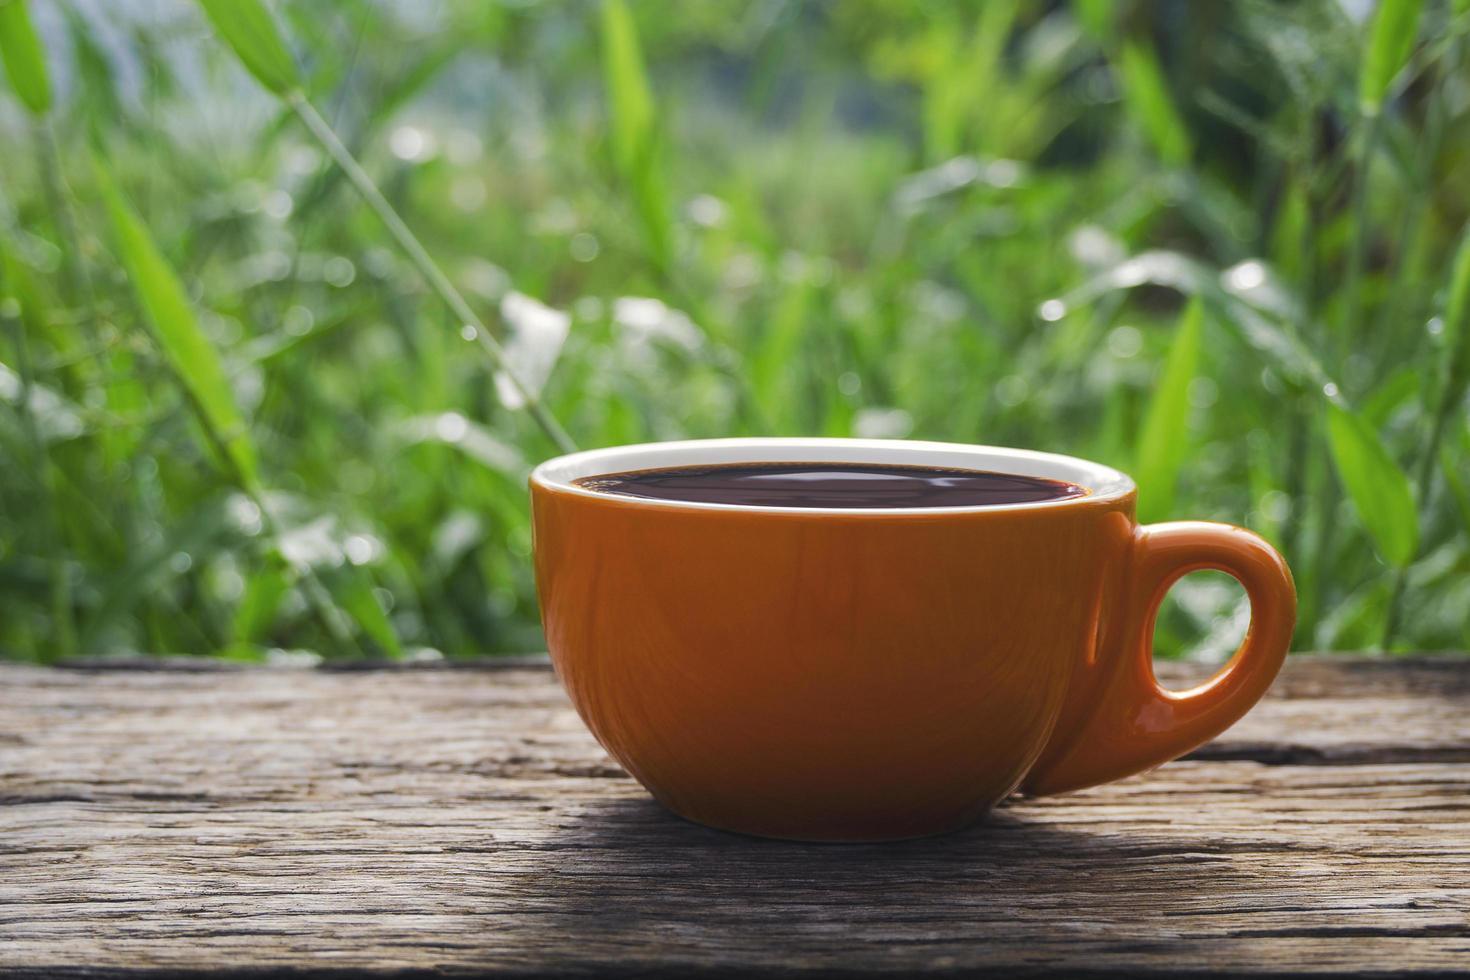 Tasse de café orange sur la table à l'extérieur photo